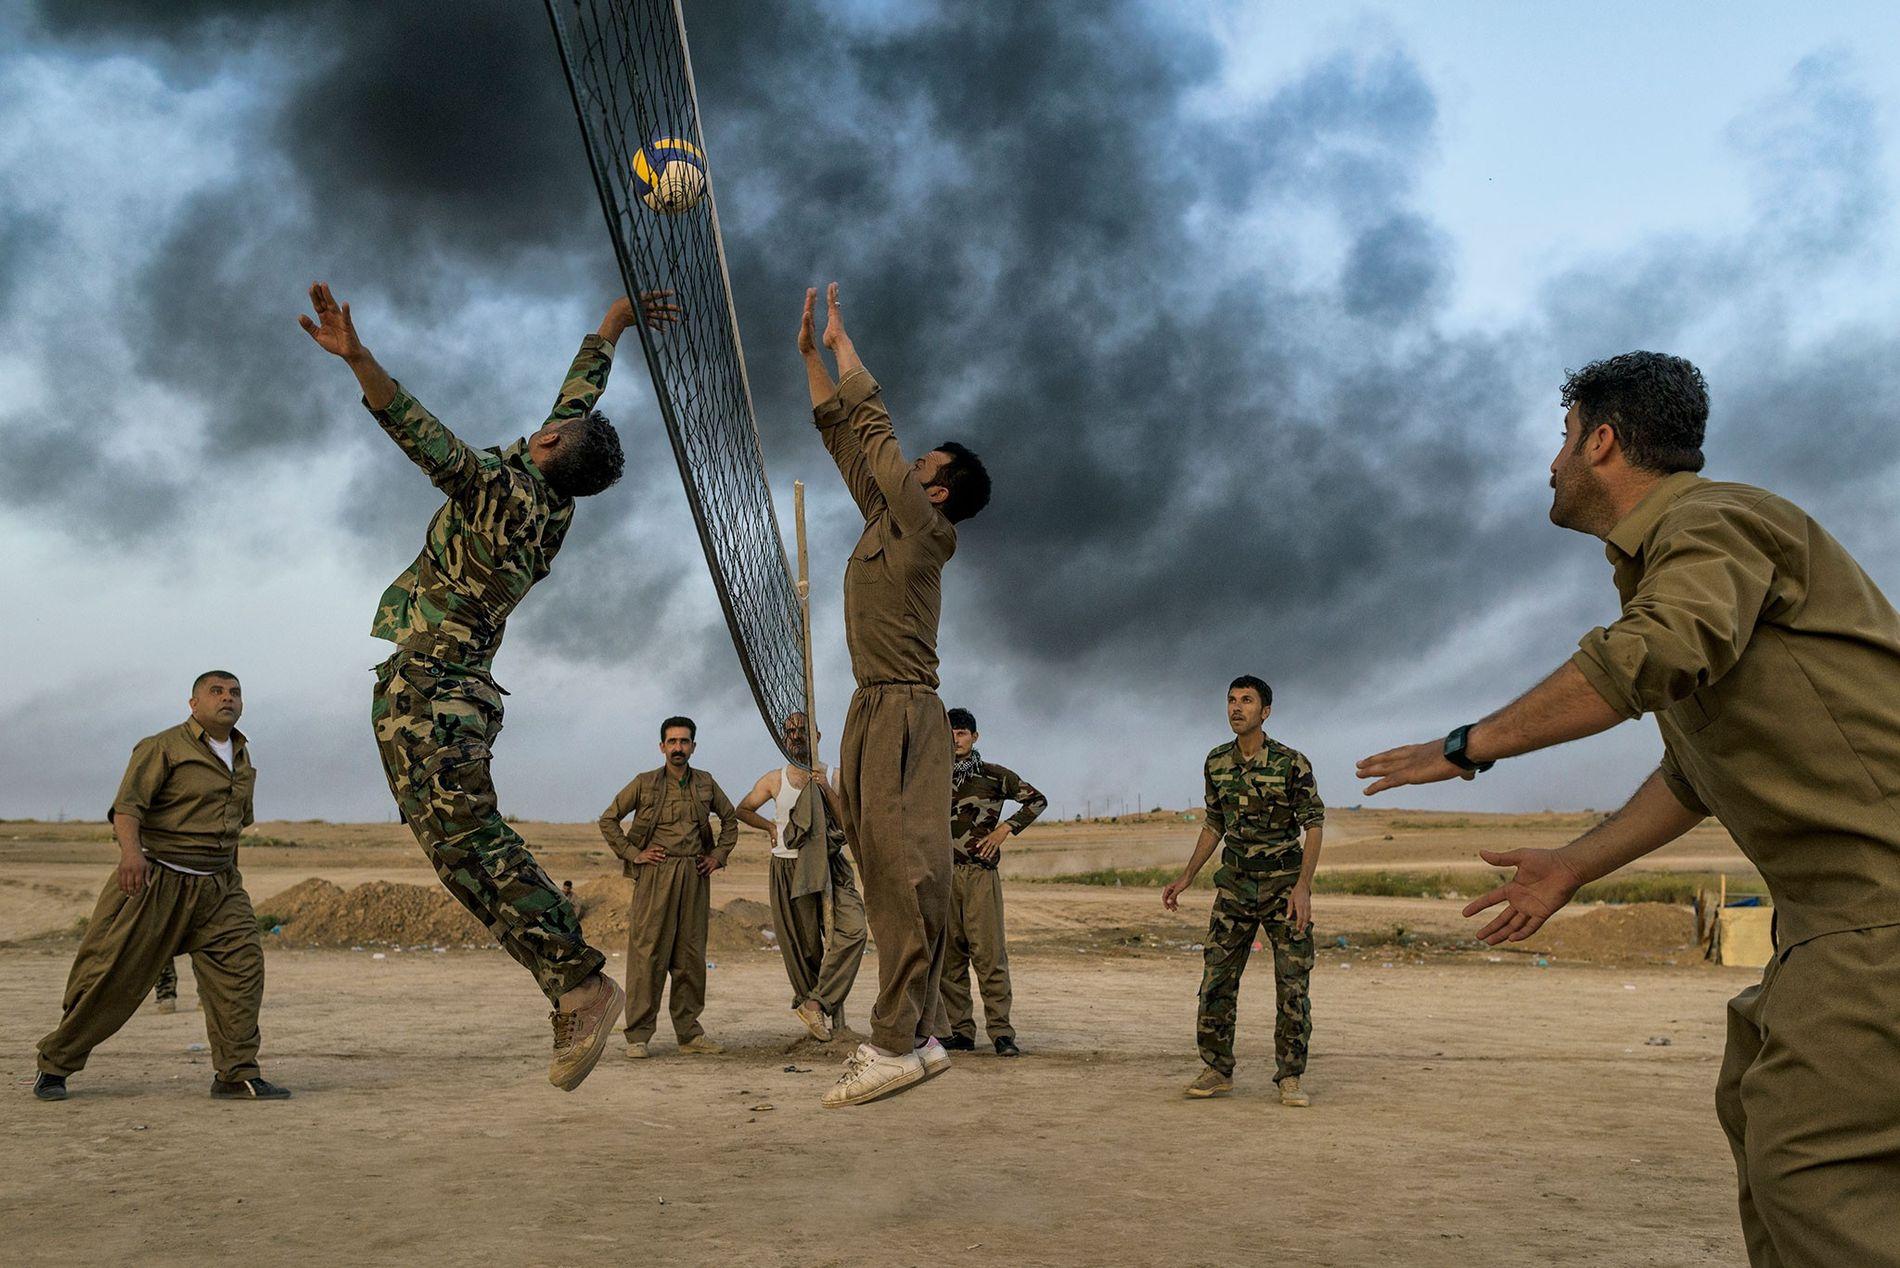 Des combattants kurdes connus sous le nom de Peshmergas jouent au volley-ball près de Kirkouk. Les ...